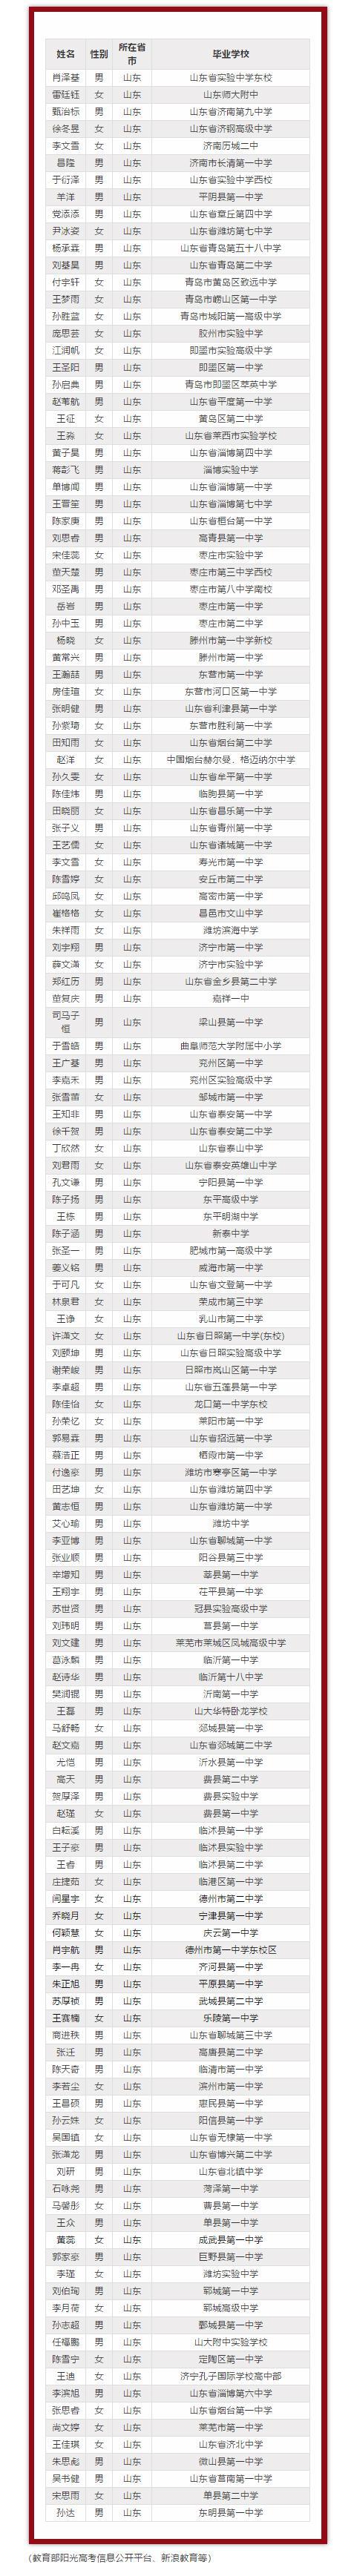 (山东商报)